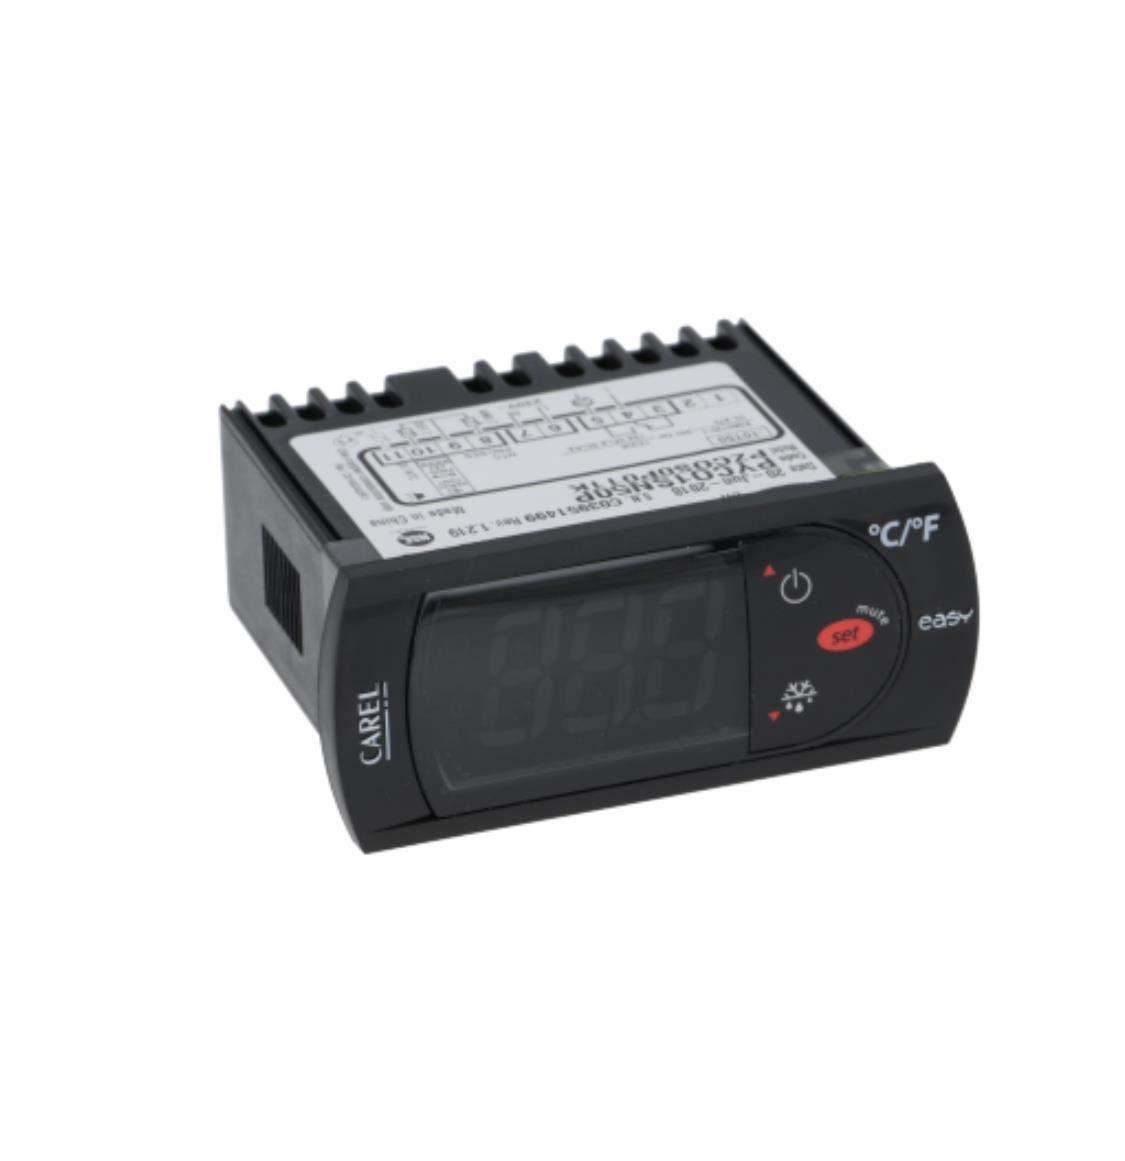 Carel PYCO1SN50P Facile Electronique Num/érique Contr/ôleur Thermostat PZCOS0P011K